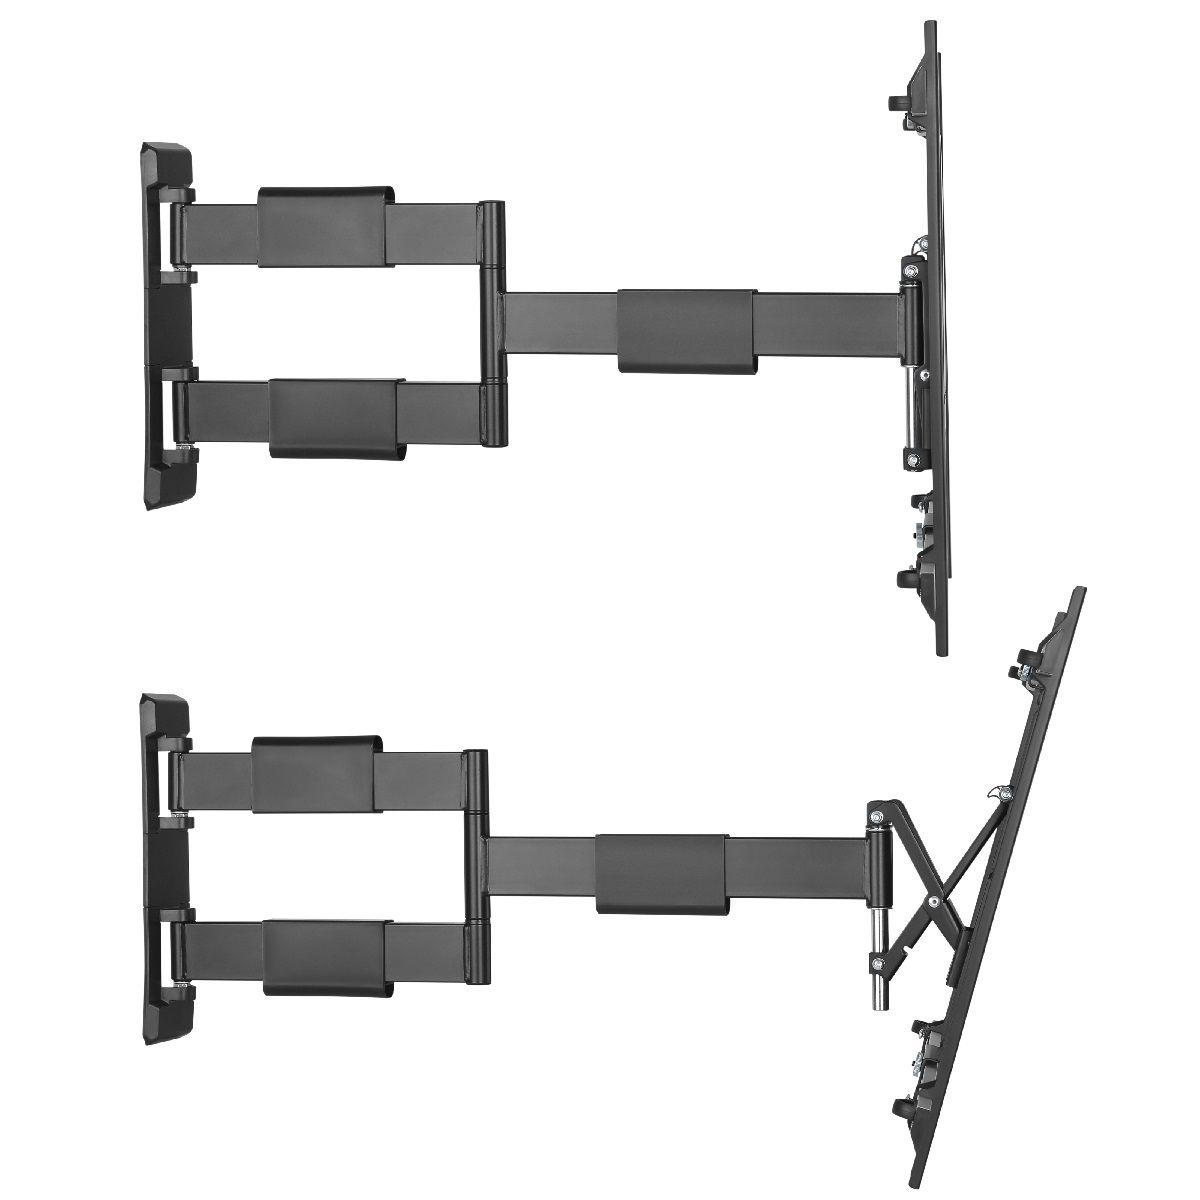 Tv držák prémiové kvality a krásného dizajnu Fiber Mounts NICE1